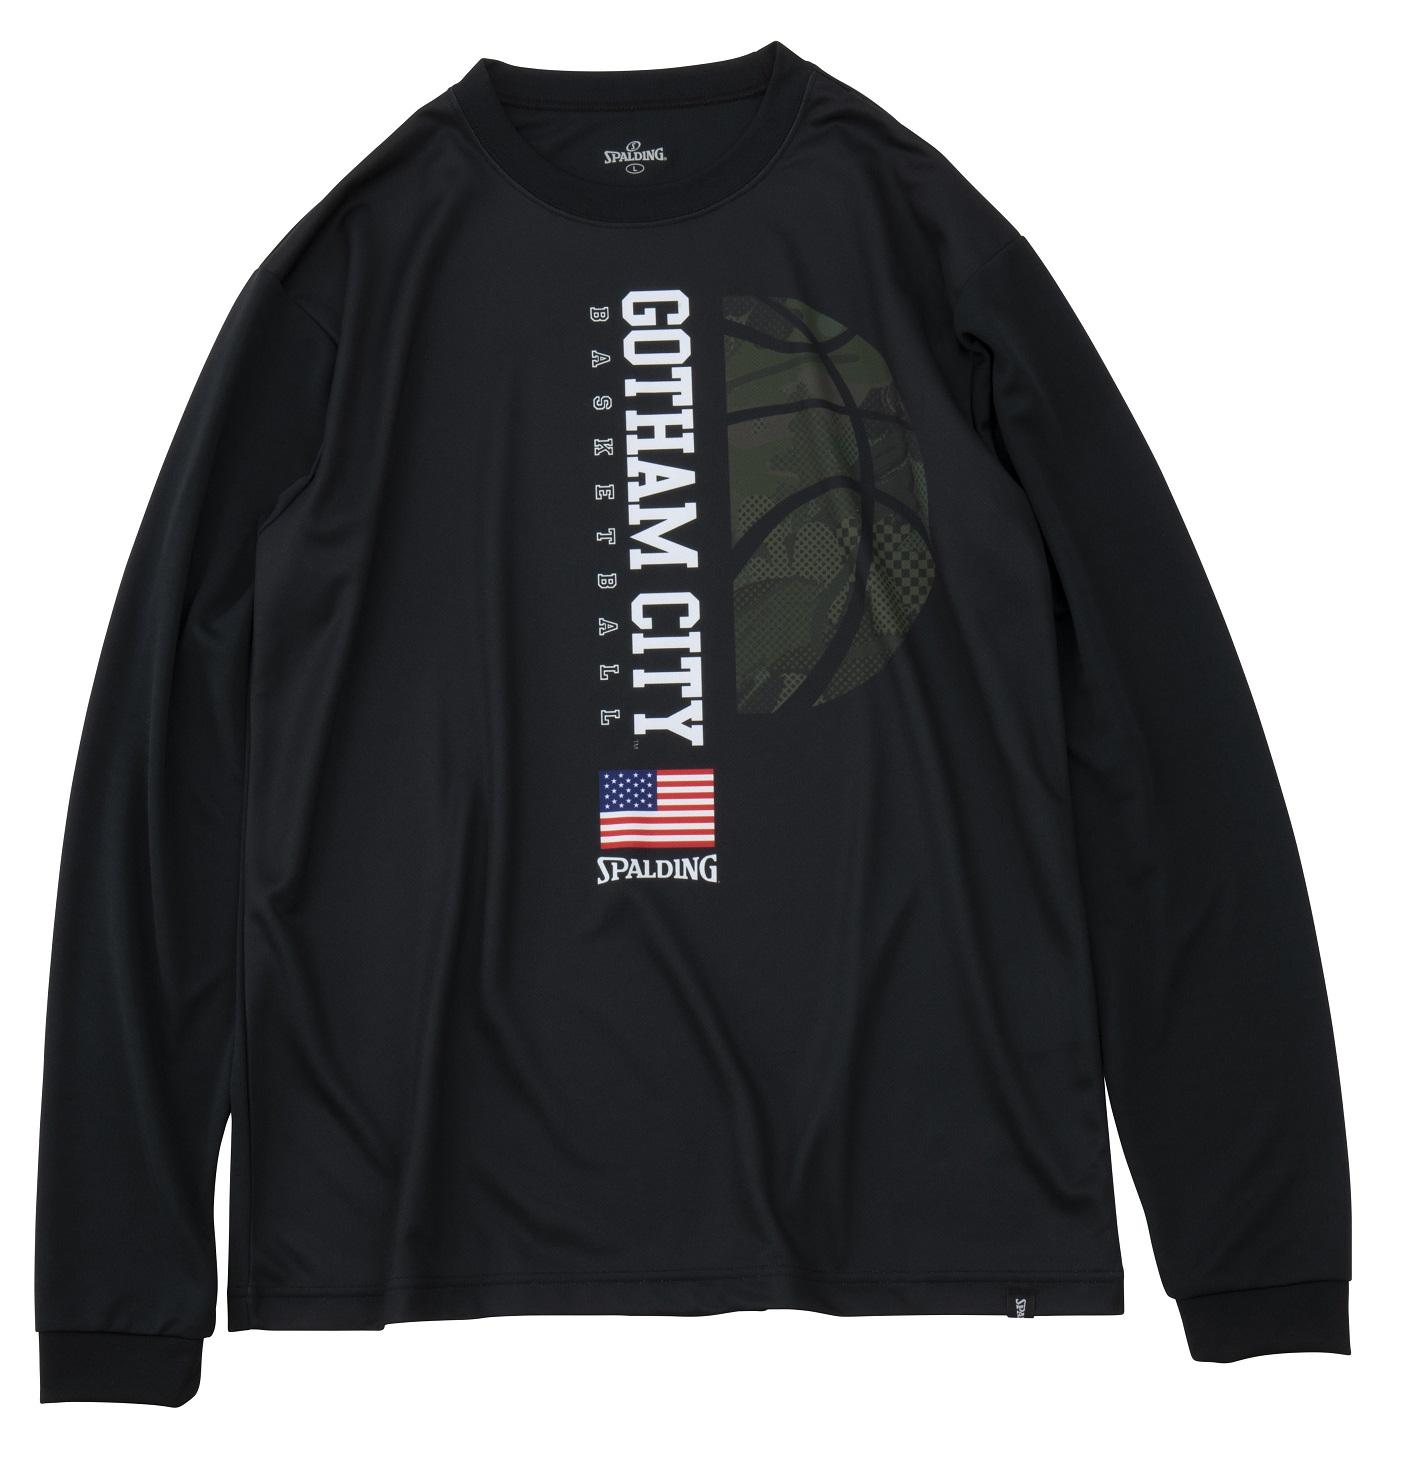 SMT191350 / SPALDING ロングスリーブ Tシャツ / ゴッサムシティーボール / バスケットボール / スポルディング